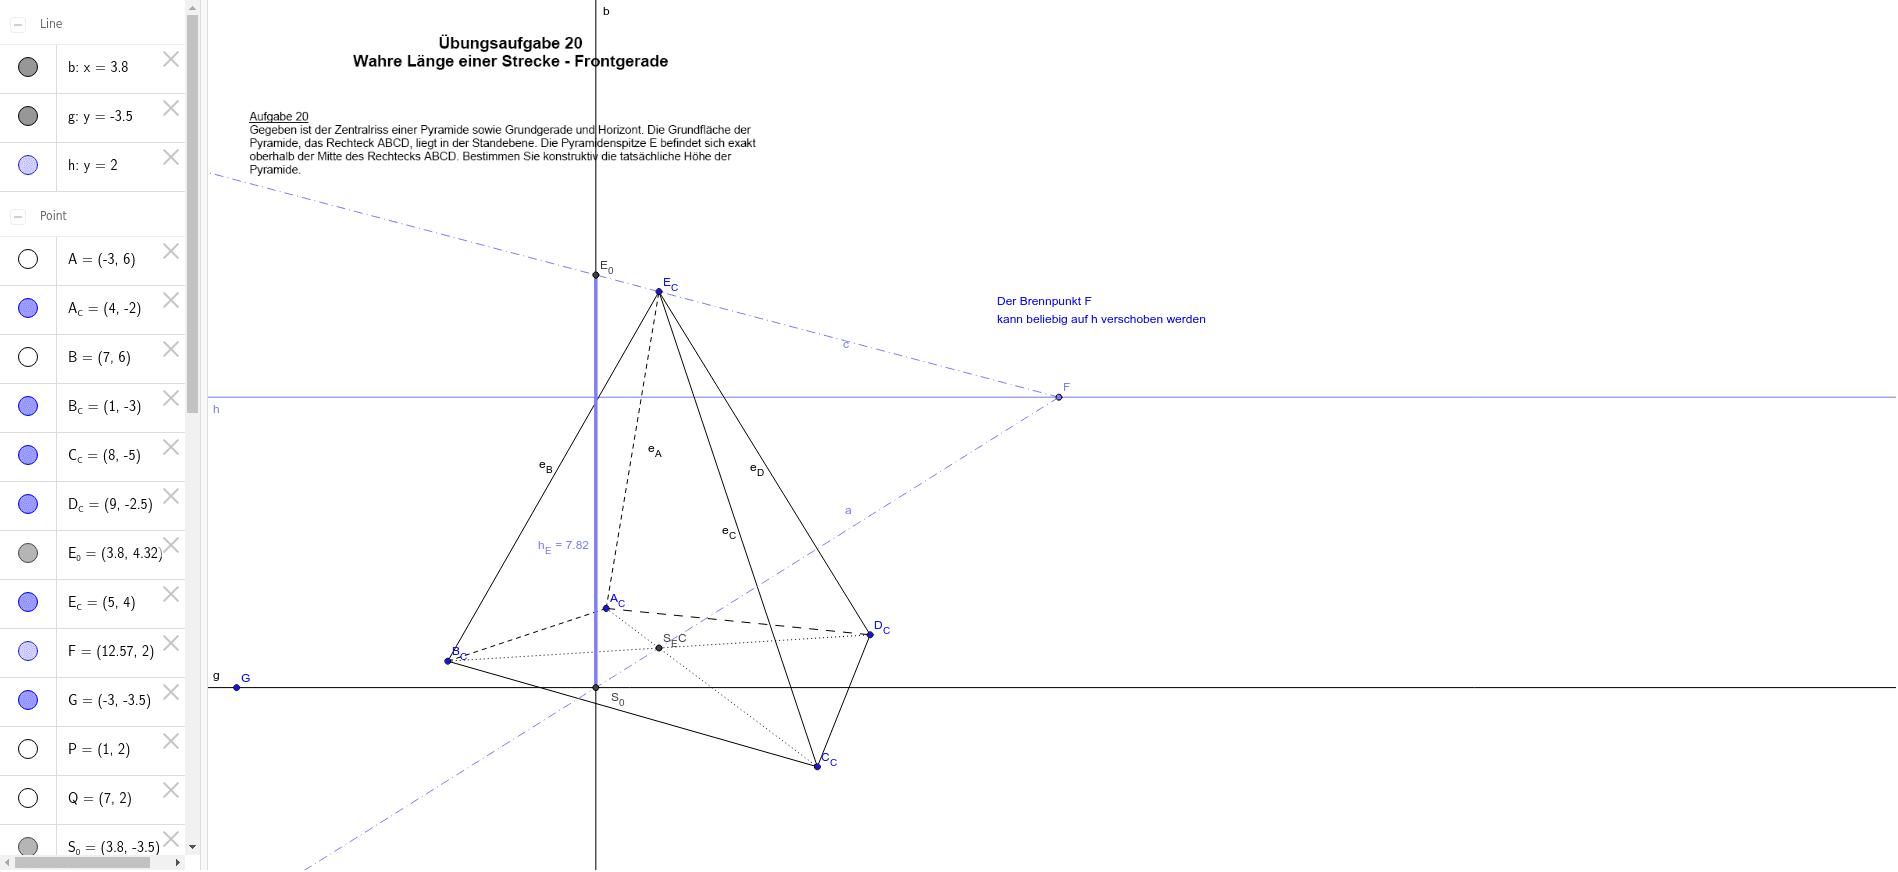 Zentralriss: wahre Länge einer Frontgeraden